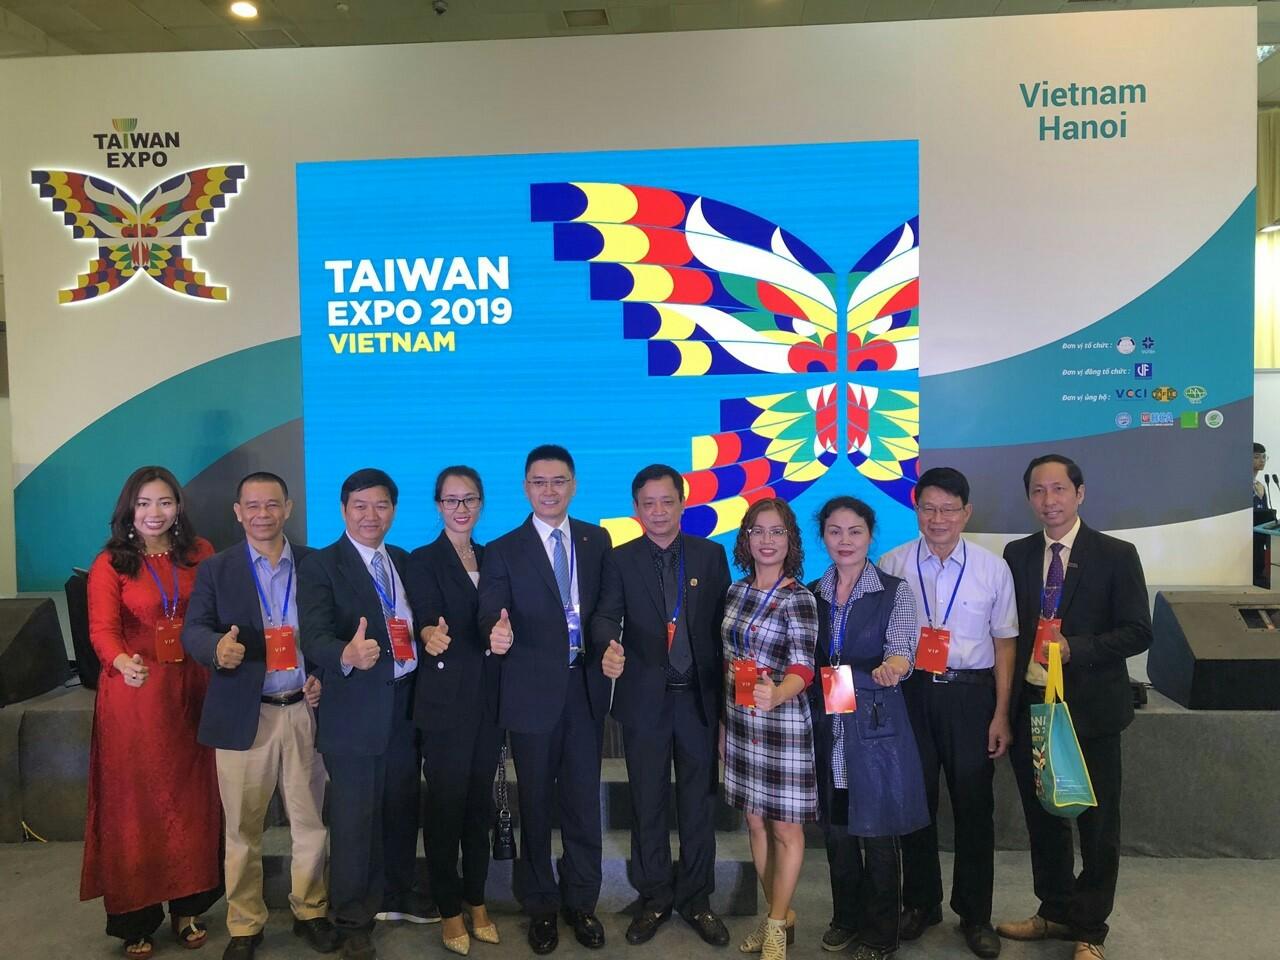 hội chợ Triển lãm Thương mại sản phẩm Đài Loan